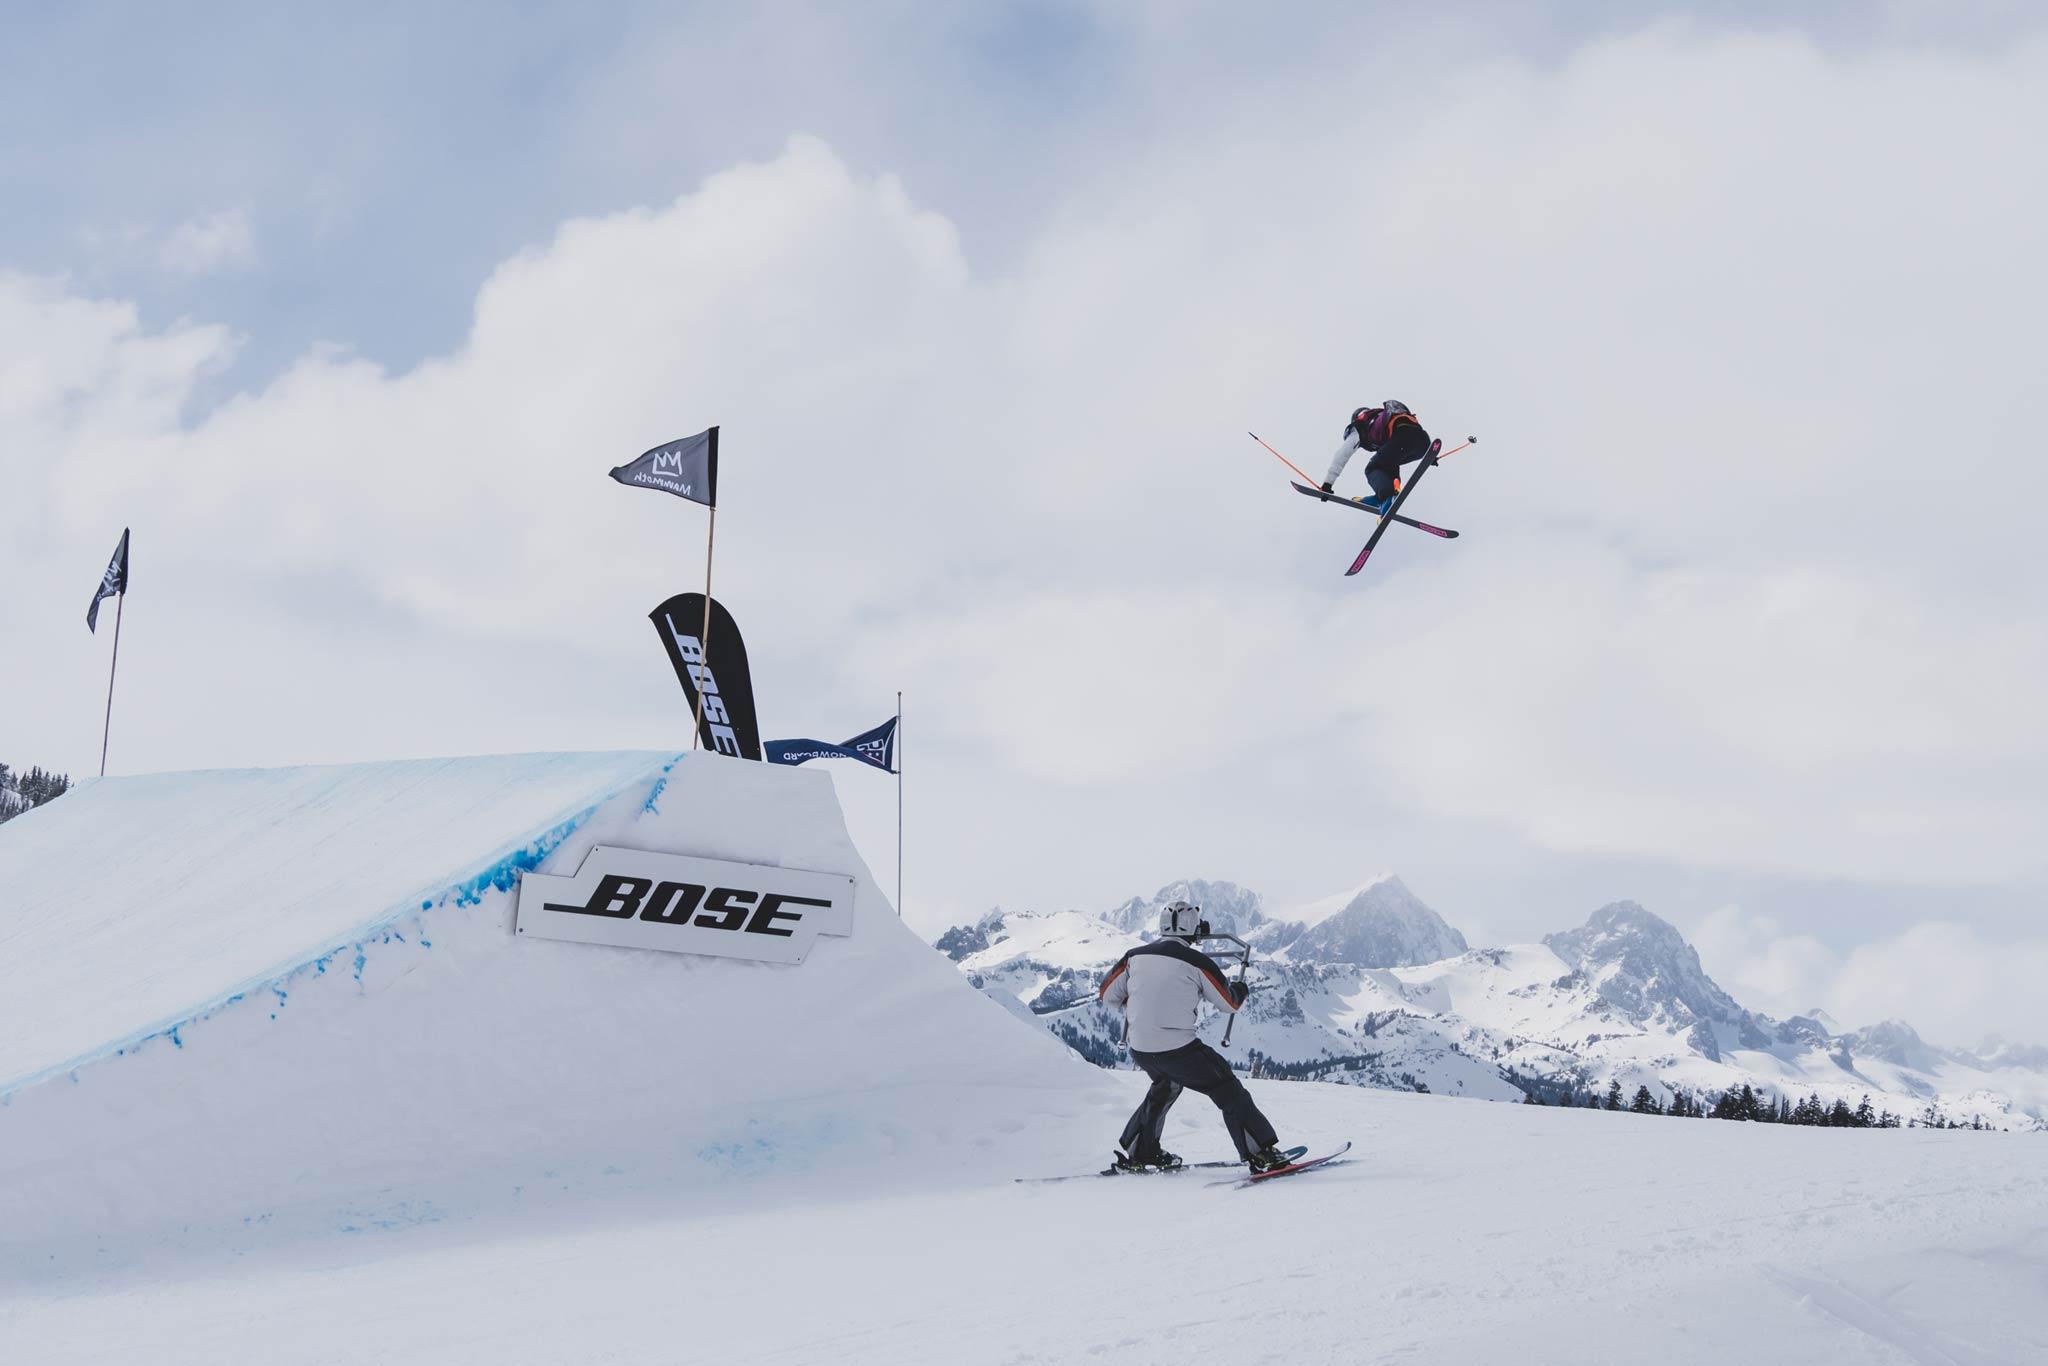 Nach mehrmaligen Verschiebungen konnte der vierte Slopestyle World Cup der Saison 18/19 am gestrigen Sonntag erfolgreich durchgeführt werden - Foto: FIS Freestyle